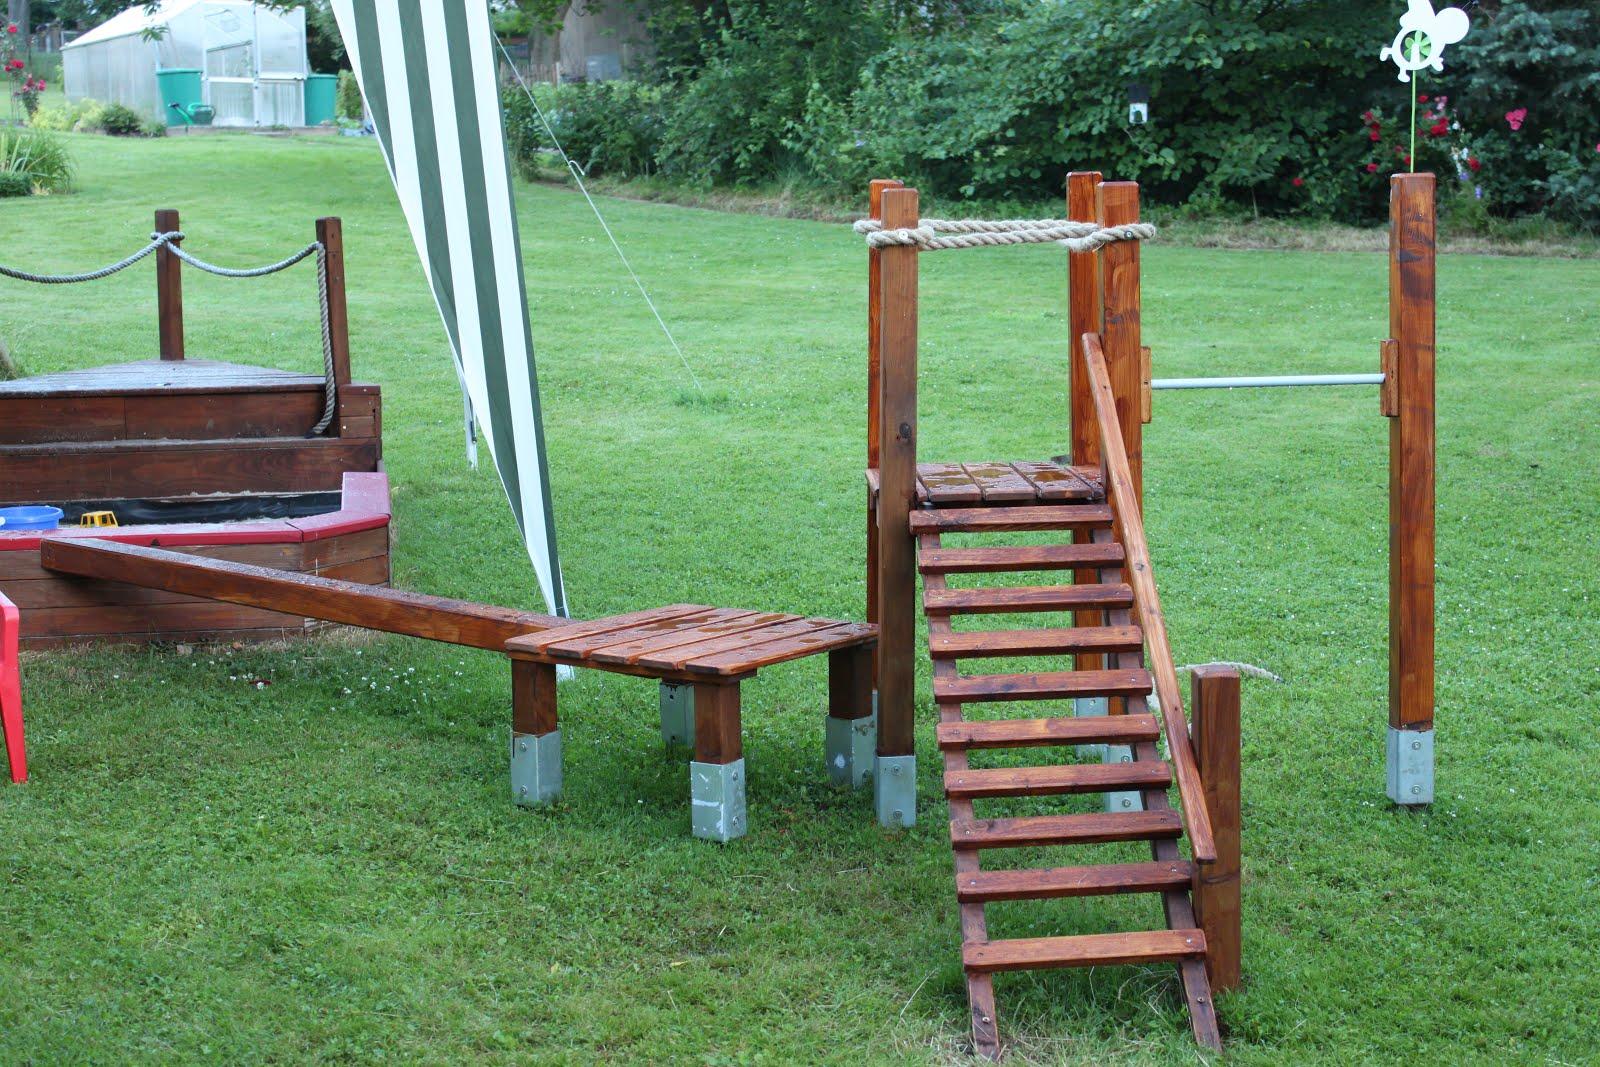 Klettergerüst Garten : Diy klettergerüst garten leben willkommen in unserem kleinen